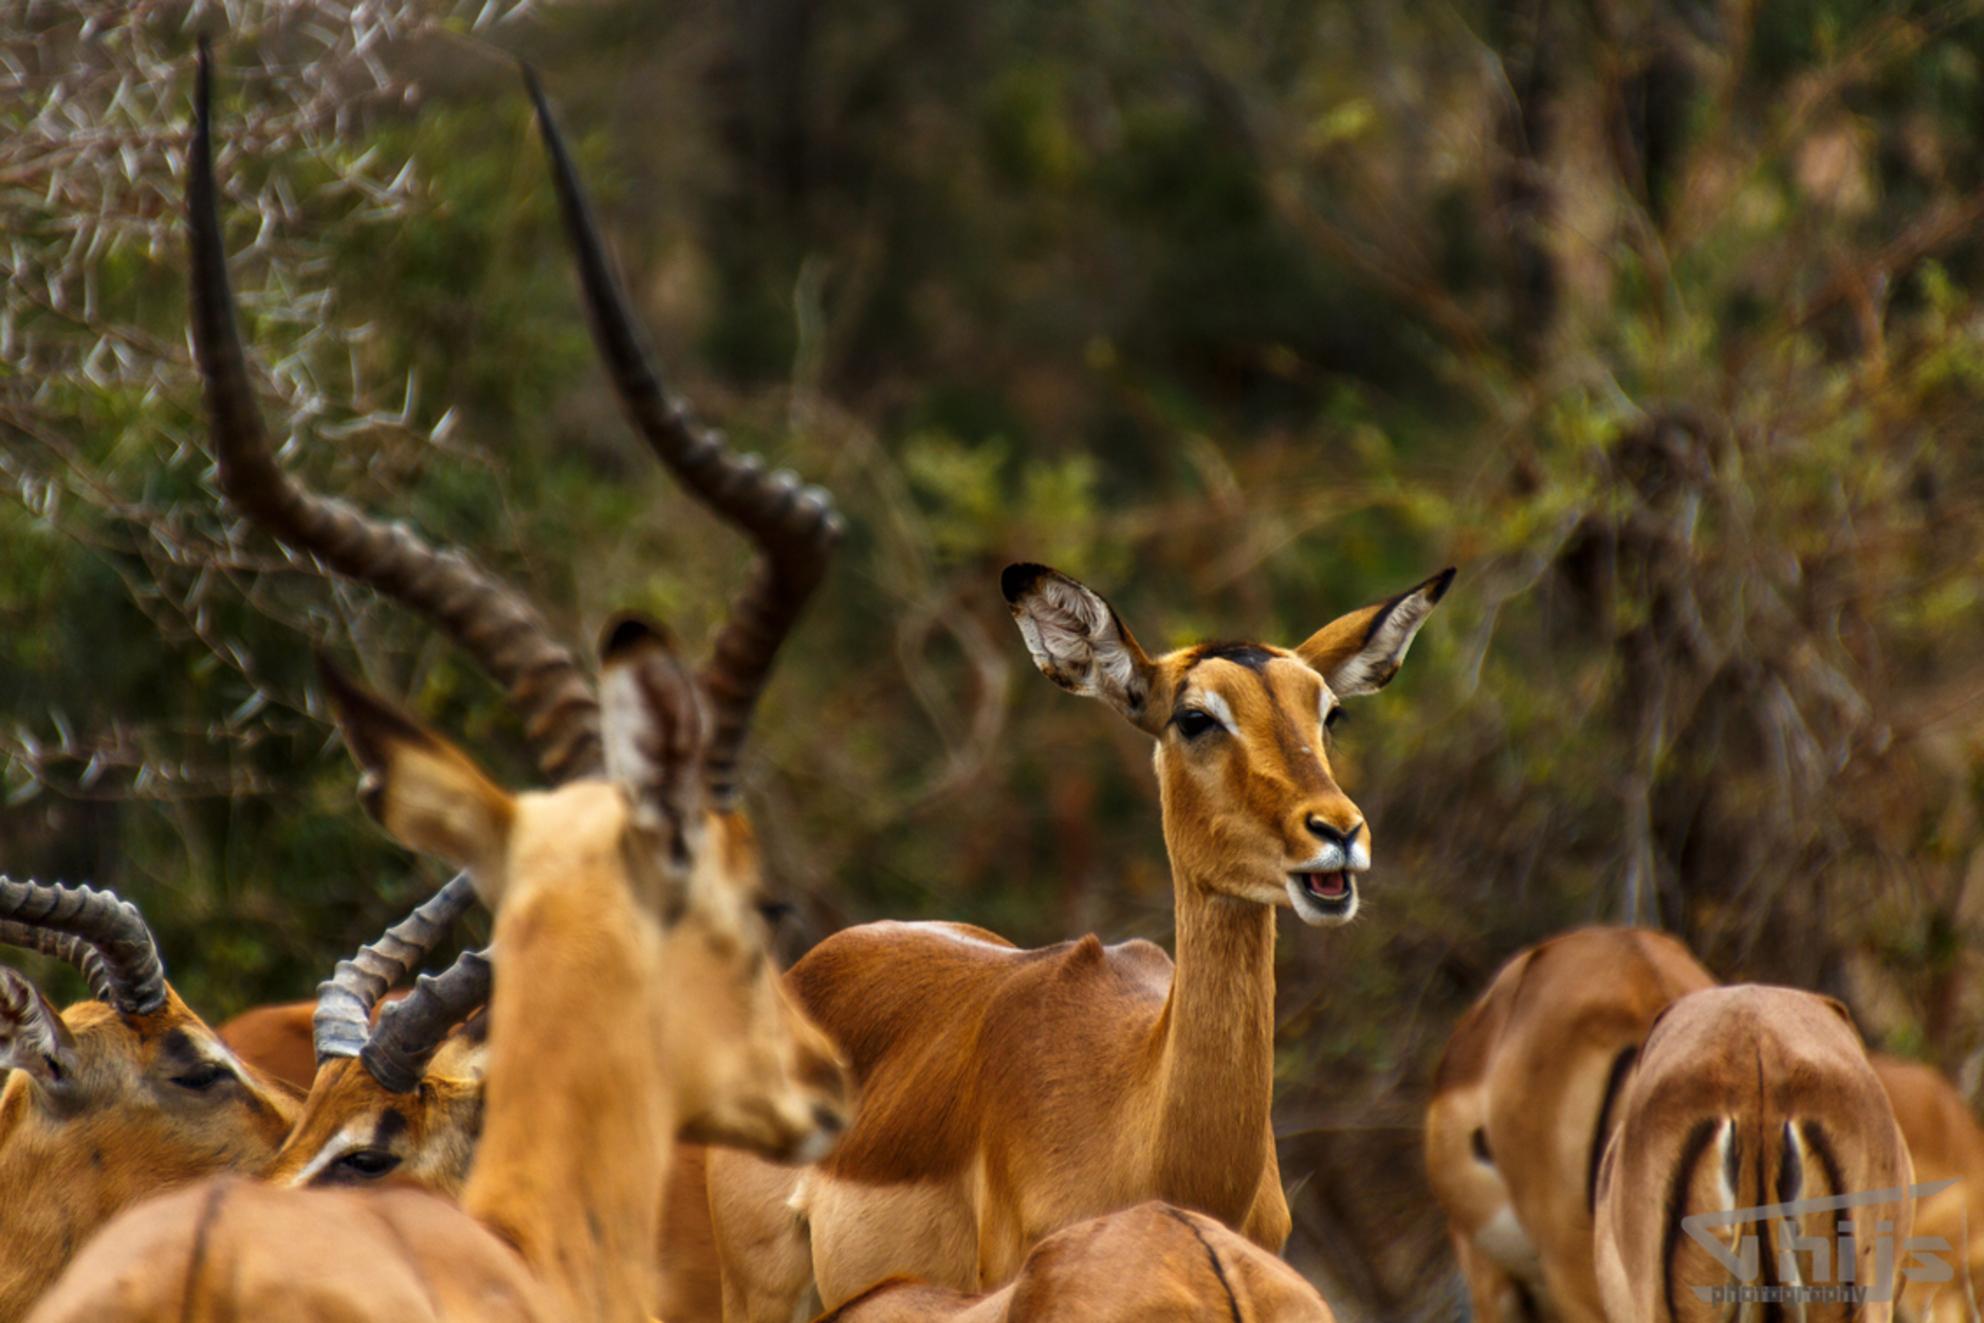 20160923_Impala_7694 - Impala ook wel de McDonalds of the bush omdat je ze overal ziet. - foto door thijsdegroot op 26-02-2017 - deze foto bevat: natuur, dieren, safari, ree, afrika, wildlife, mc donalds, impale